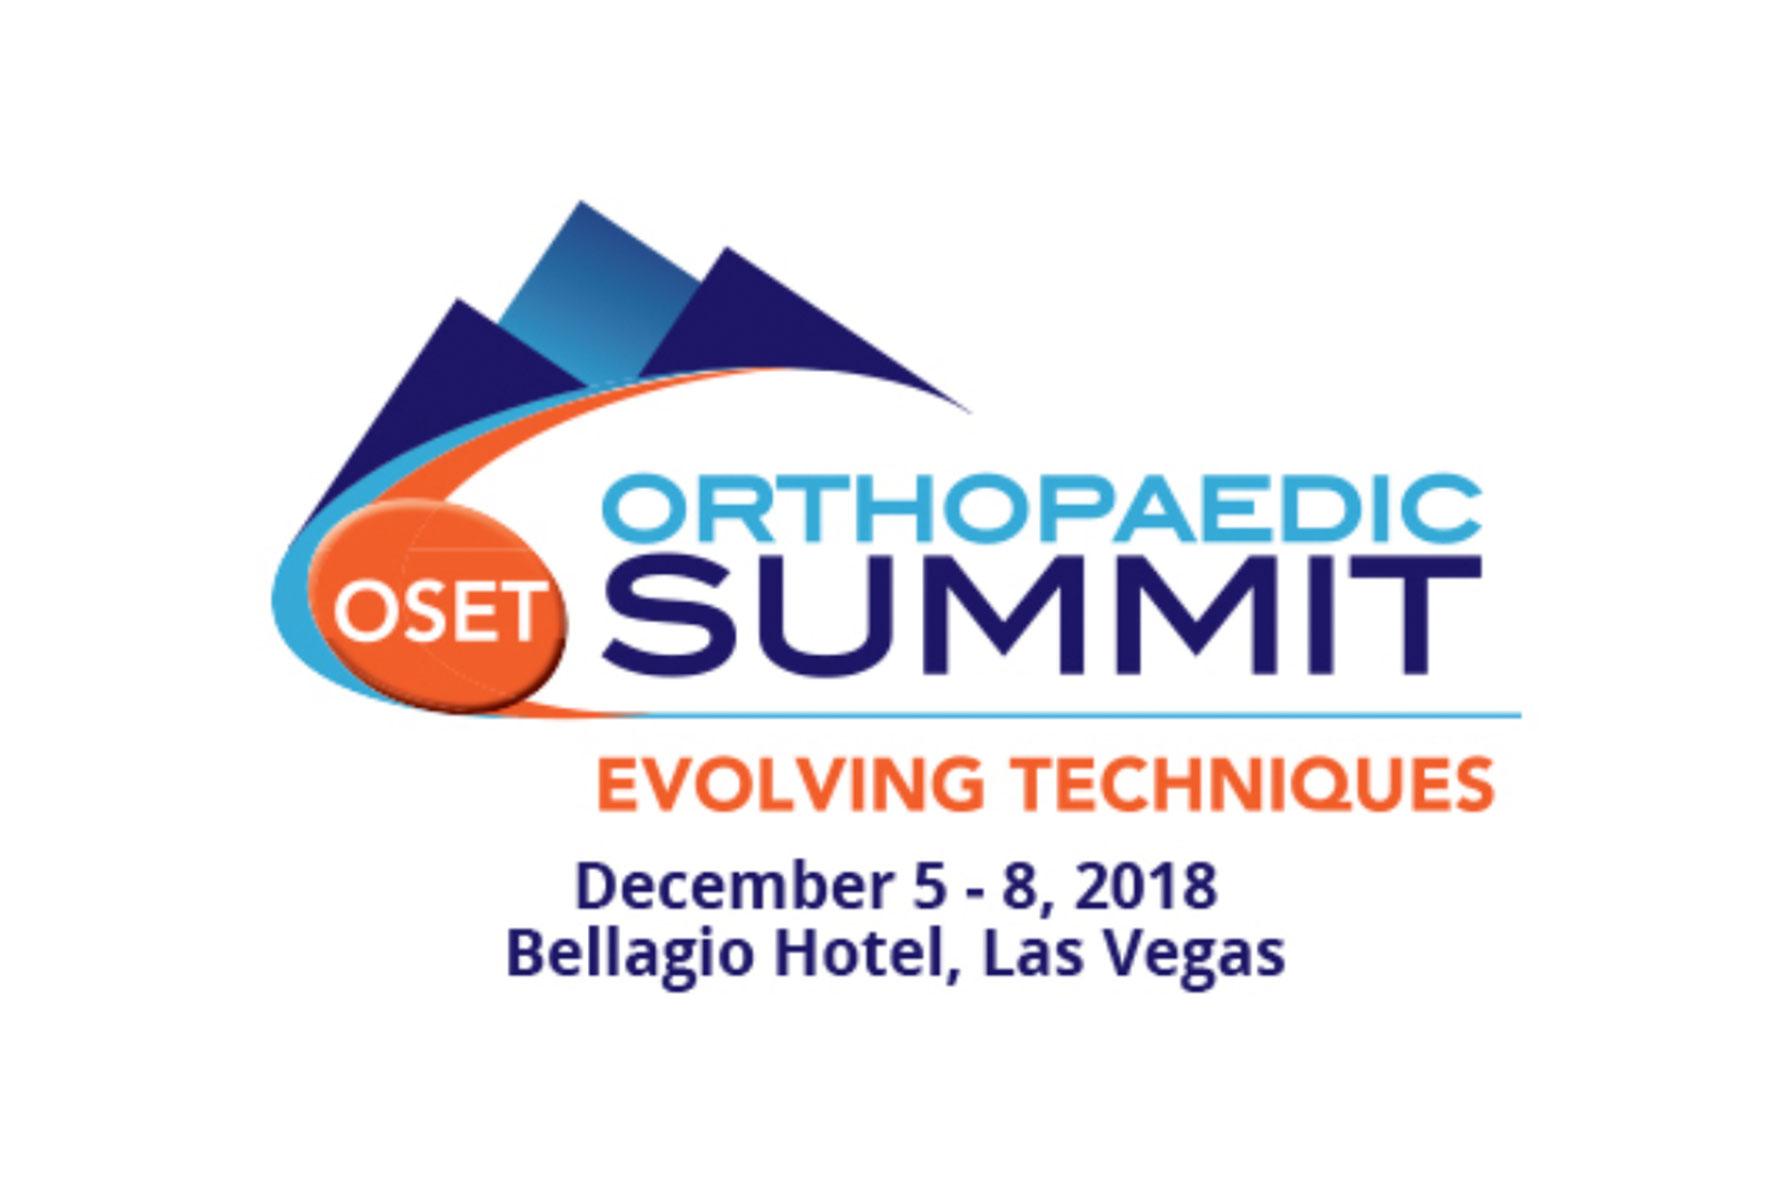 Orthopaedic Summit 2018